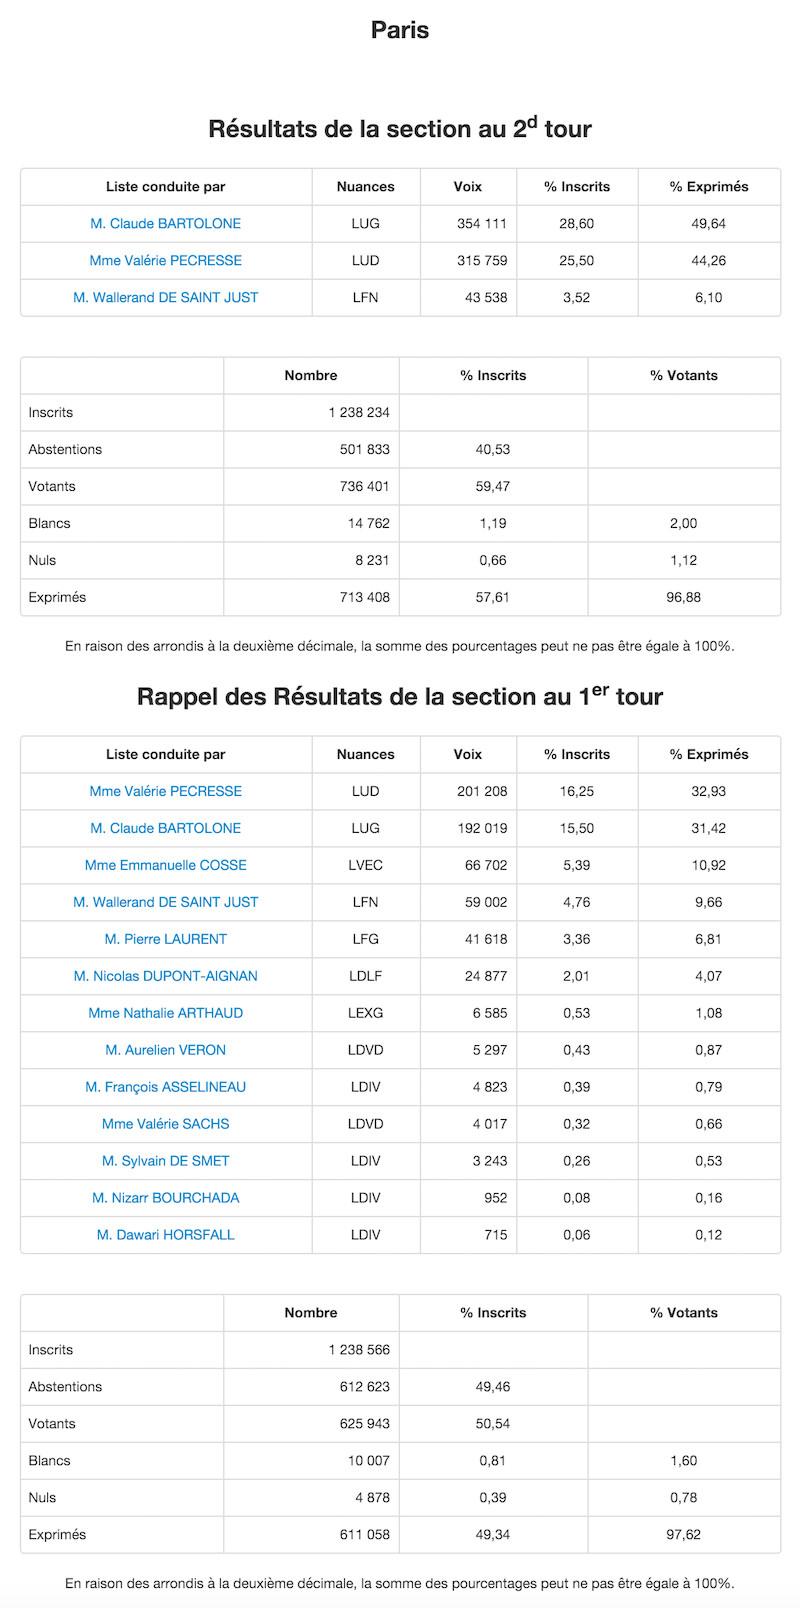 Régionales 2015 et 2010 dans le 13e arrondissement de Paris